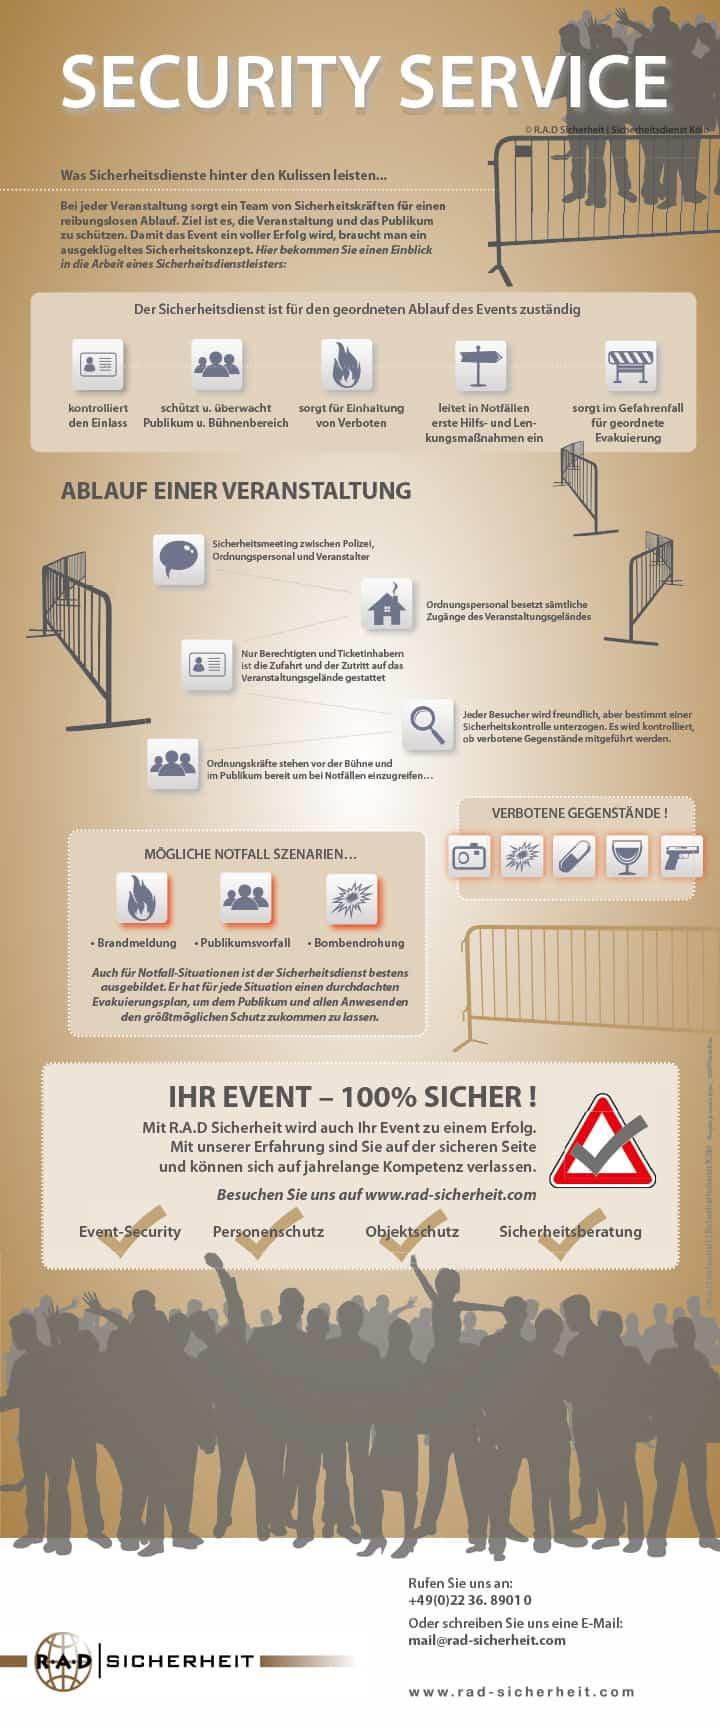 R.A.D Sicherheit: Event Security